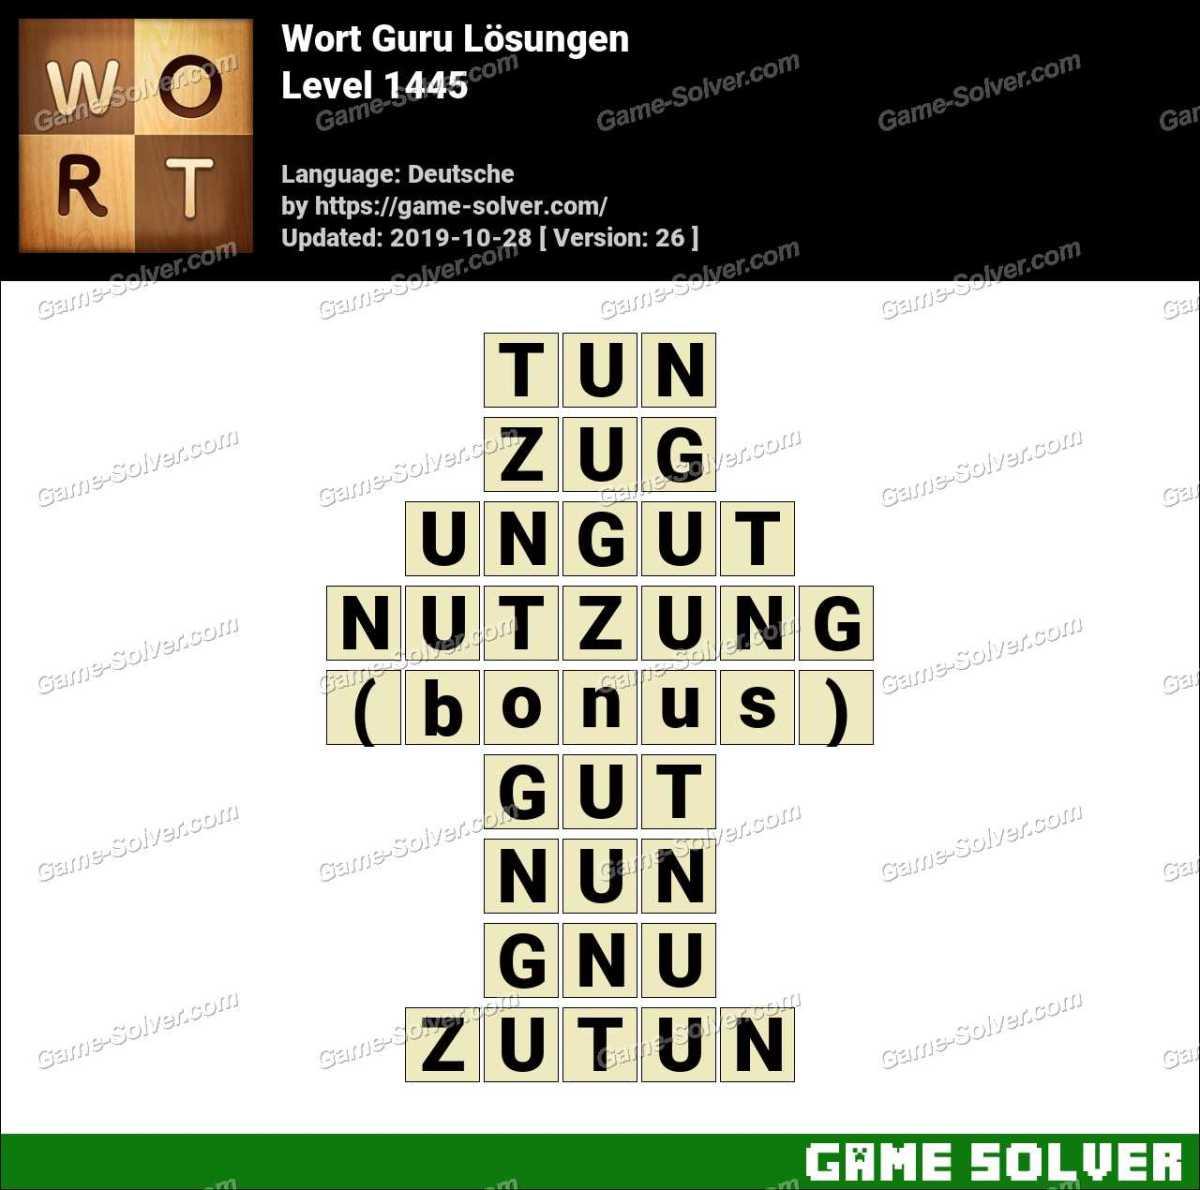 Wort Guru Level 1445 Lösungen